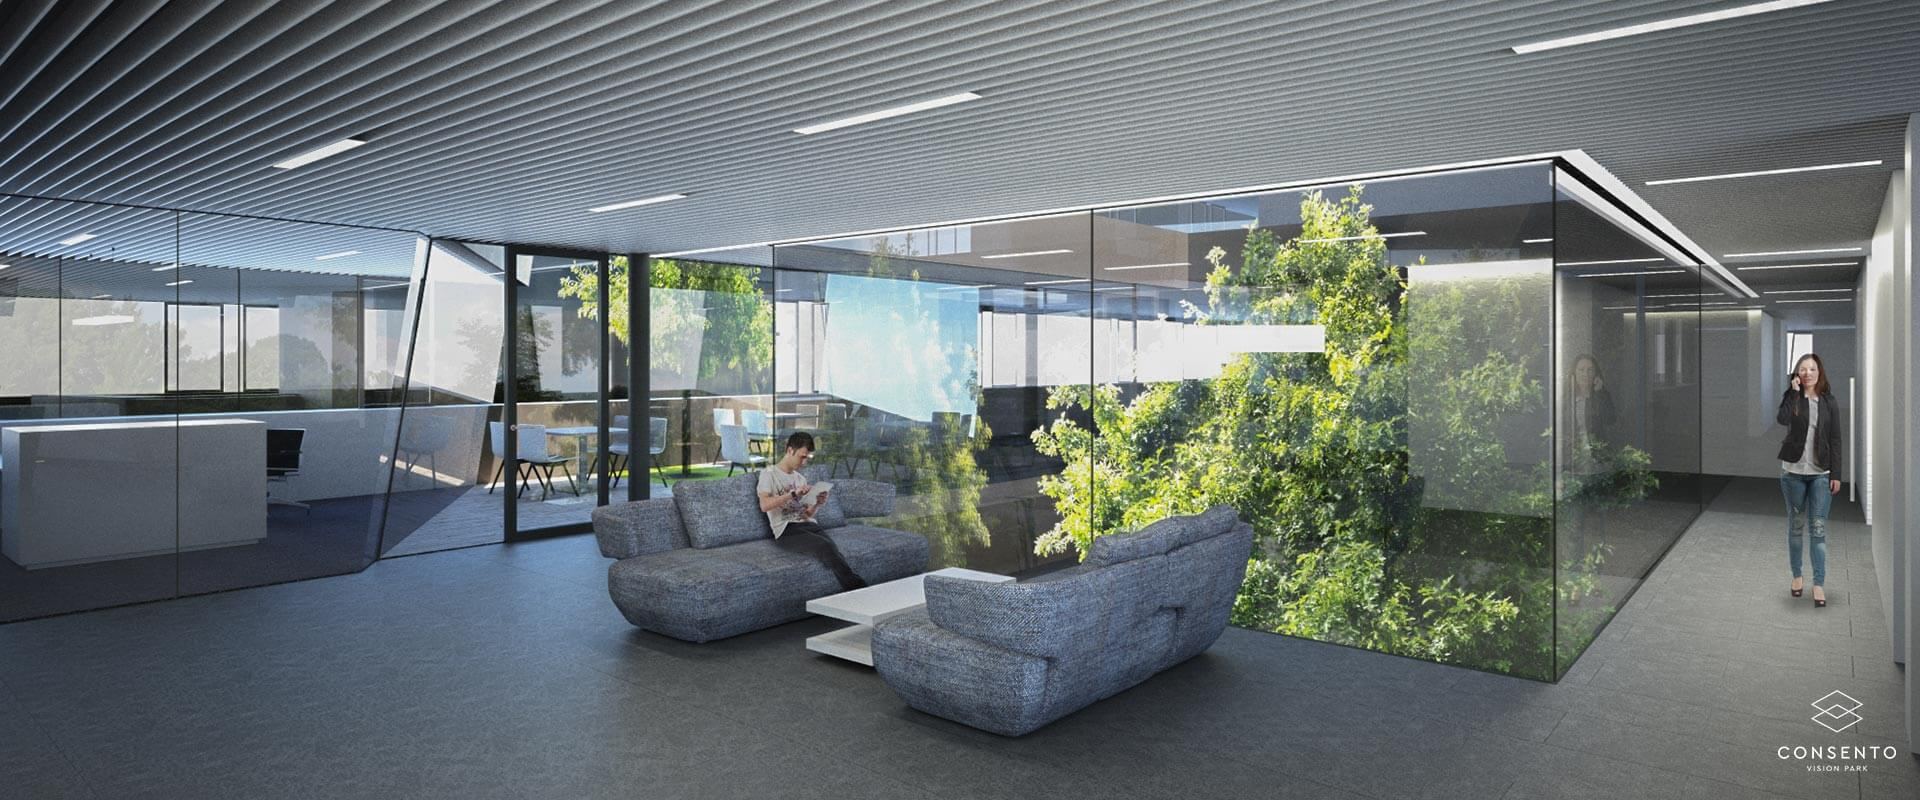 consento-visionpark-plan-3d-05